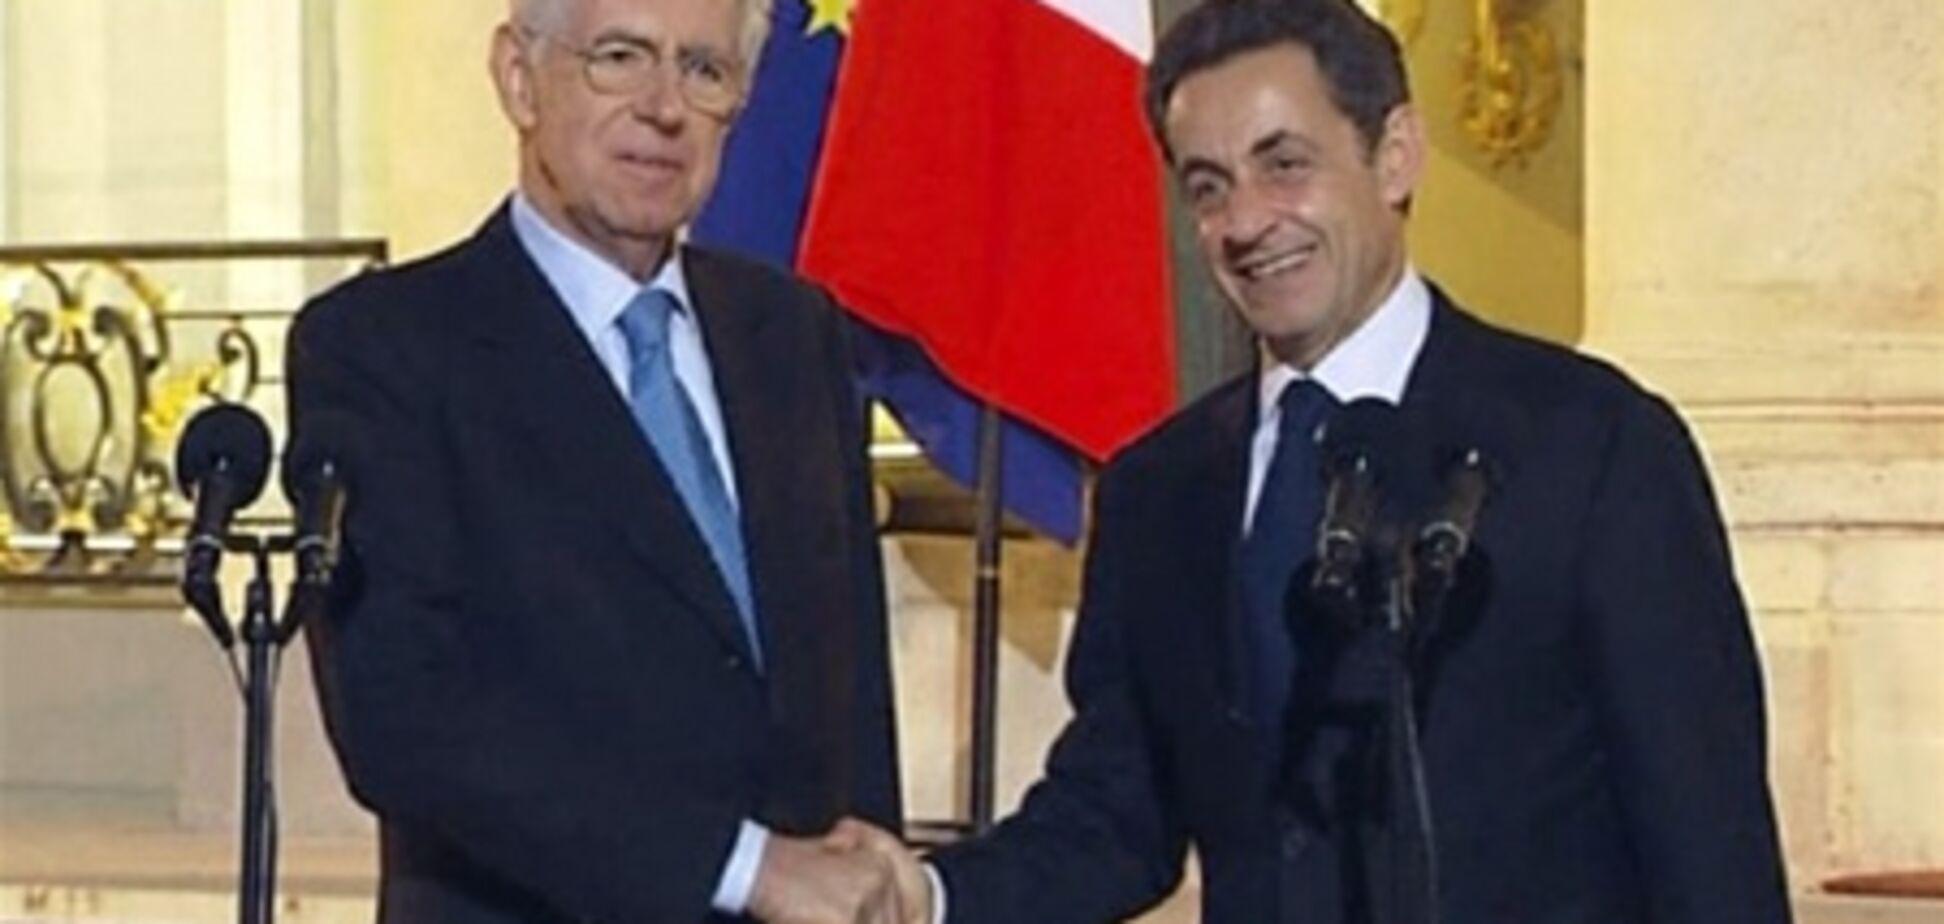 Саркозі і Монті закликали ЄС до більшої згуртованості в боротьбі з борговою кризою